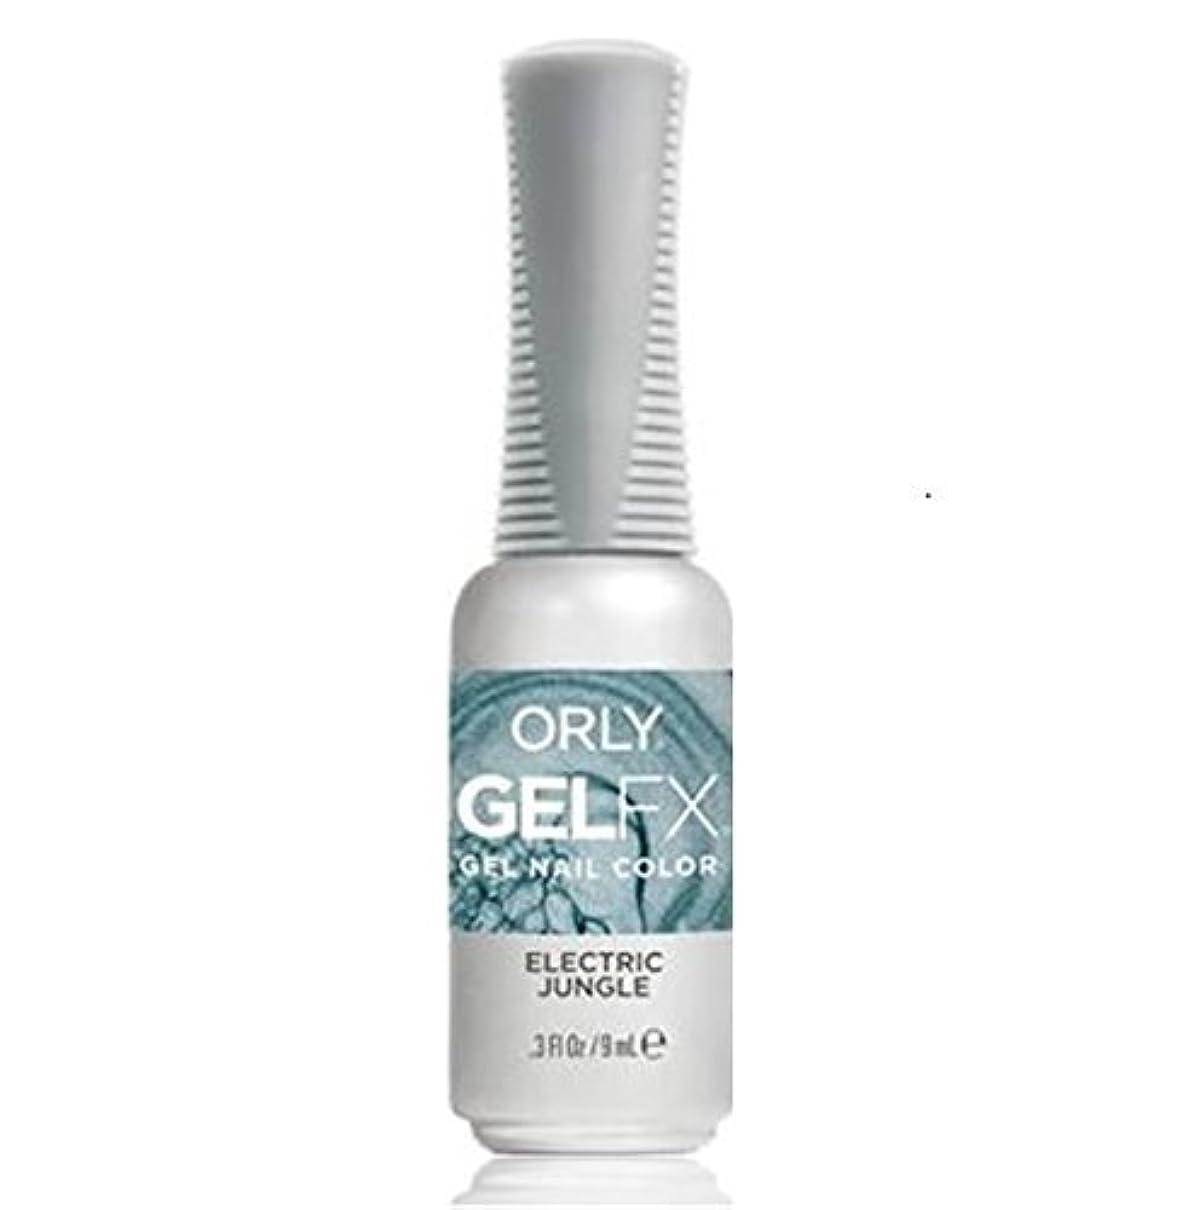 反射この直感Orly Gel FX - Pastel City Collection Spring 2018 - Electric Jungle - 0.3 oz / 9 mL